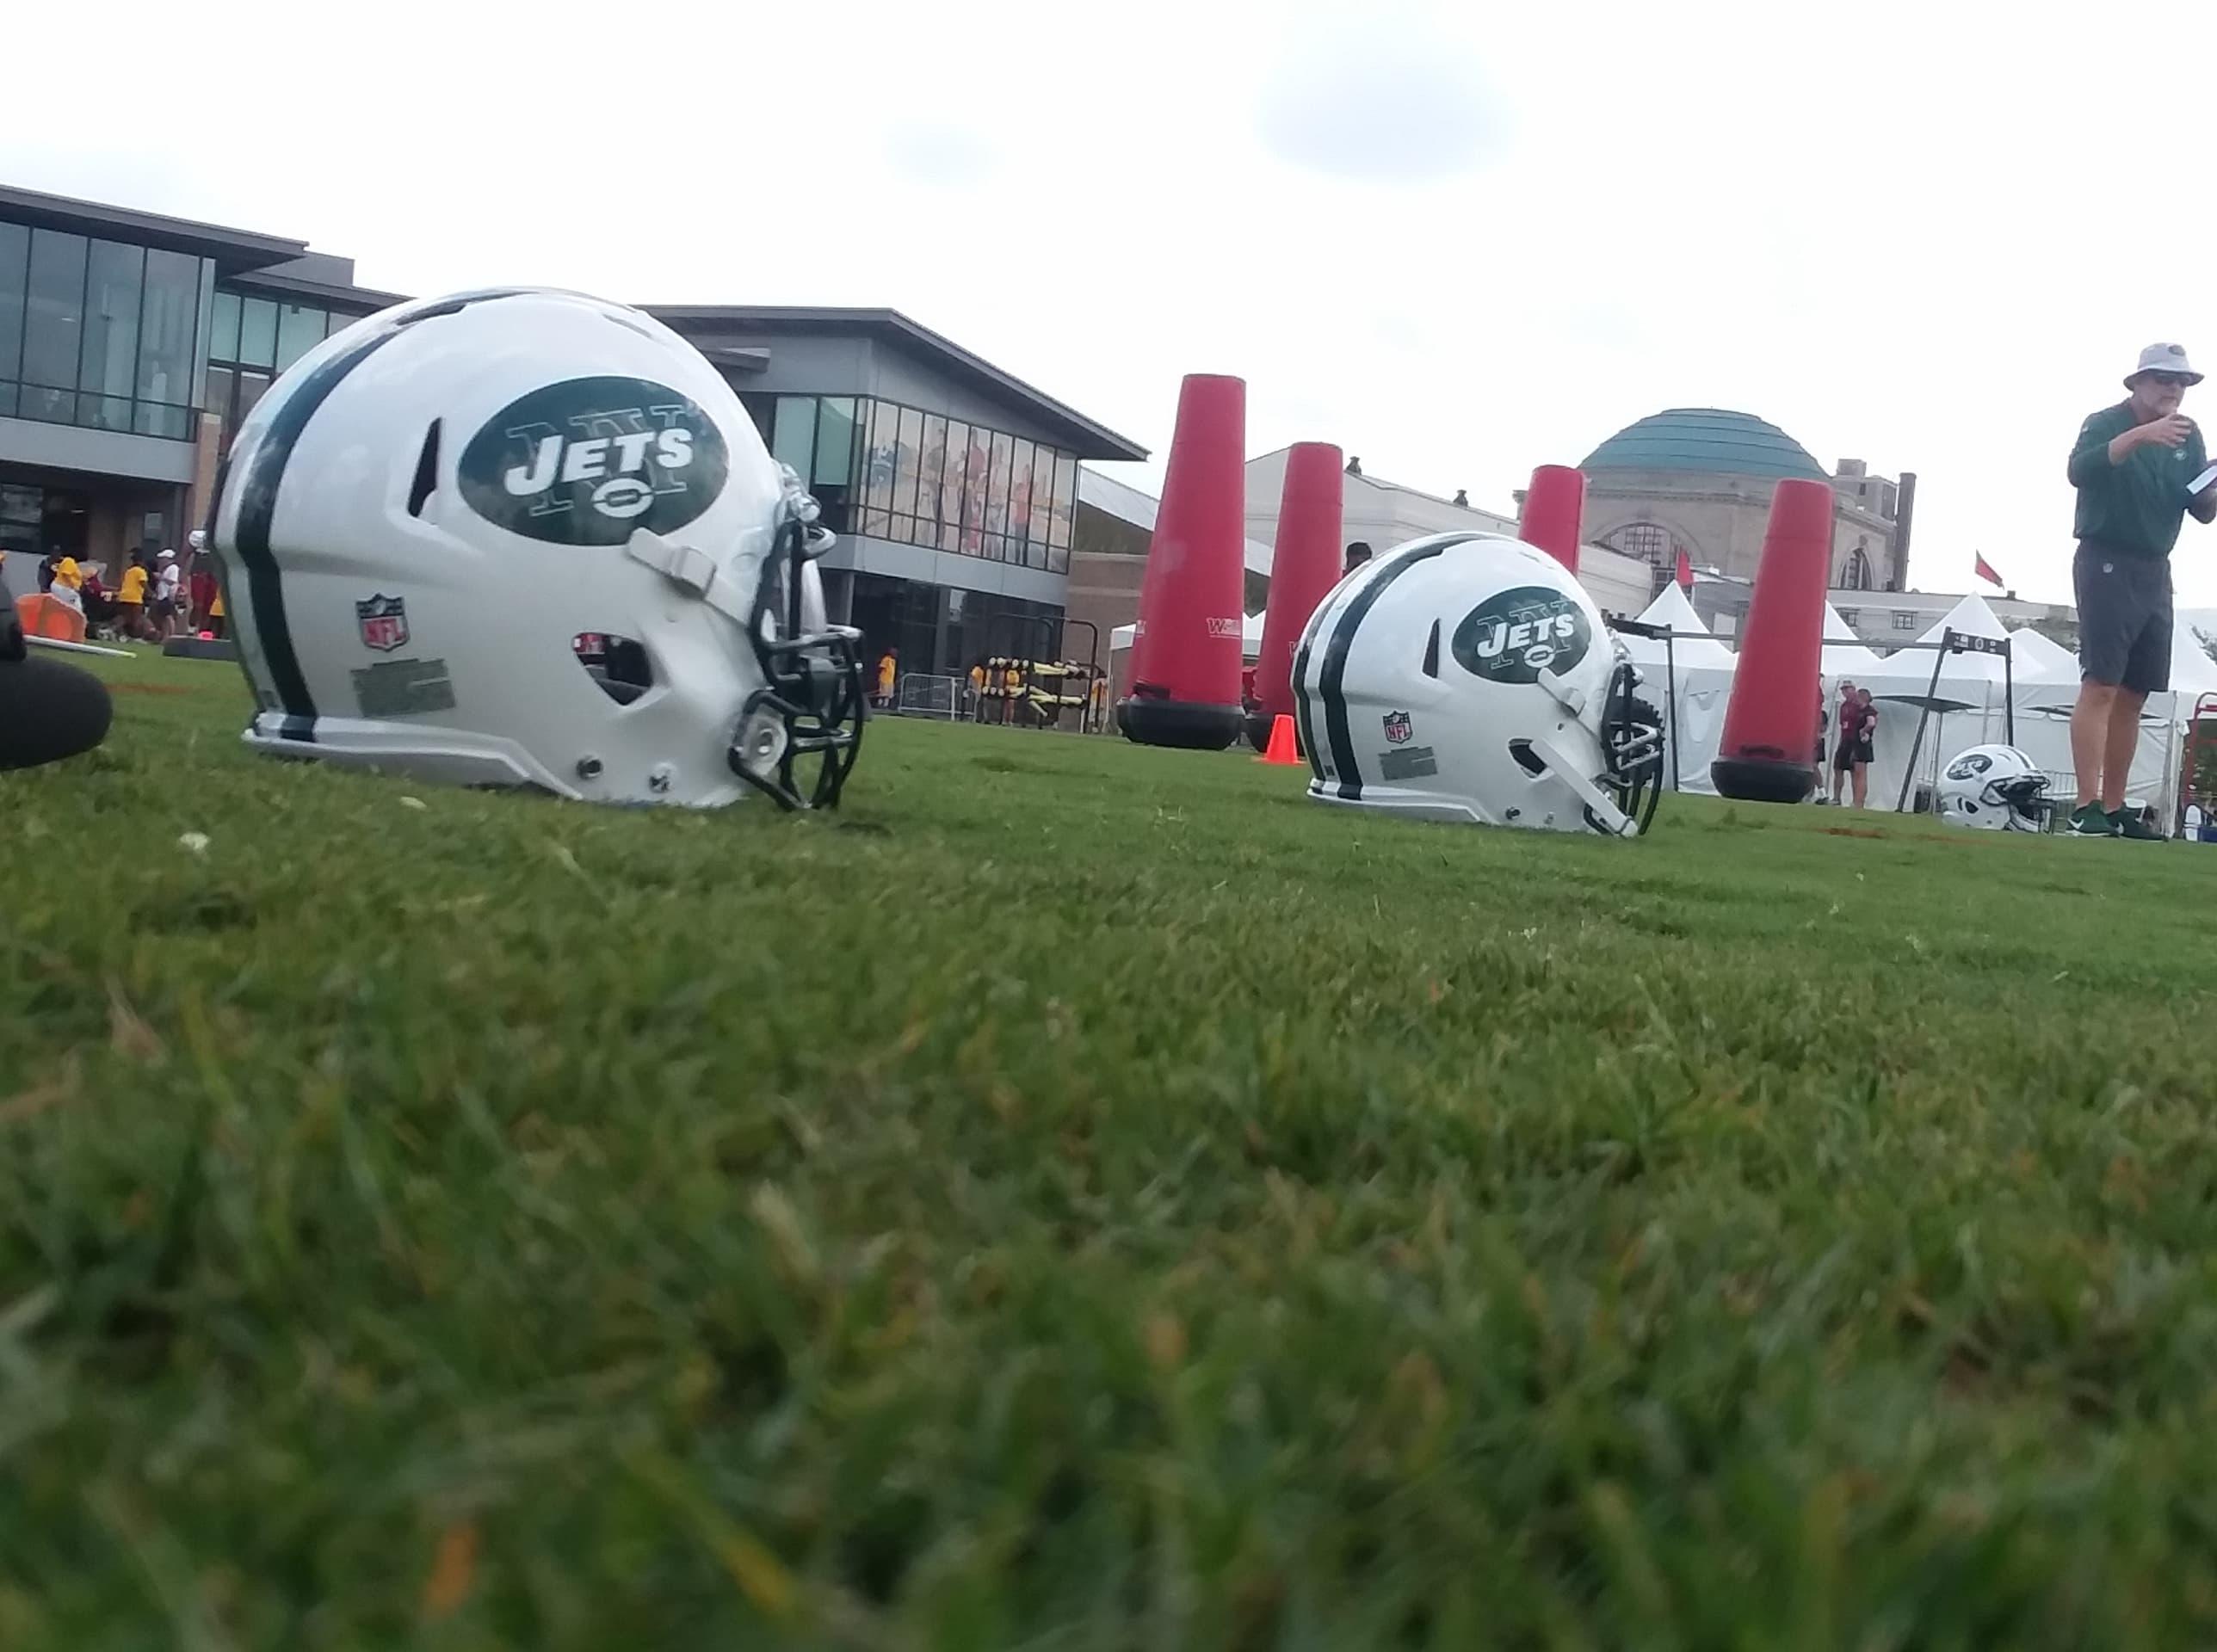 Washington Redskins Training Camp: Kids Day and the J-E-T-S, Jets, Jets, Jets!